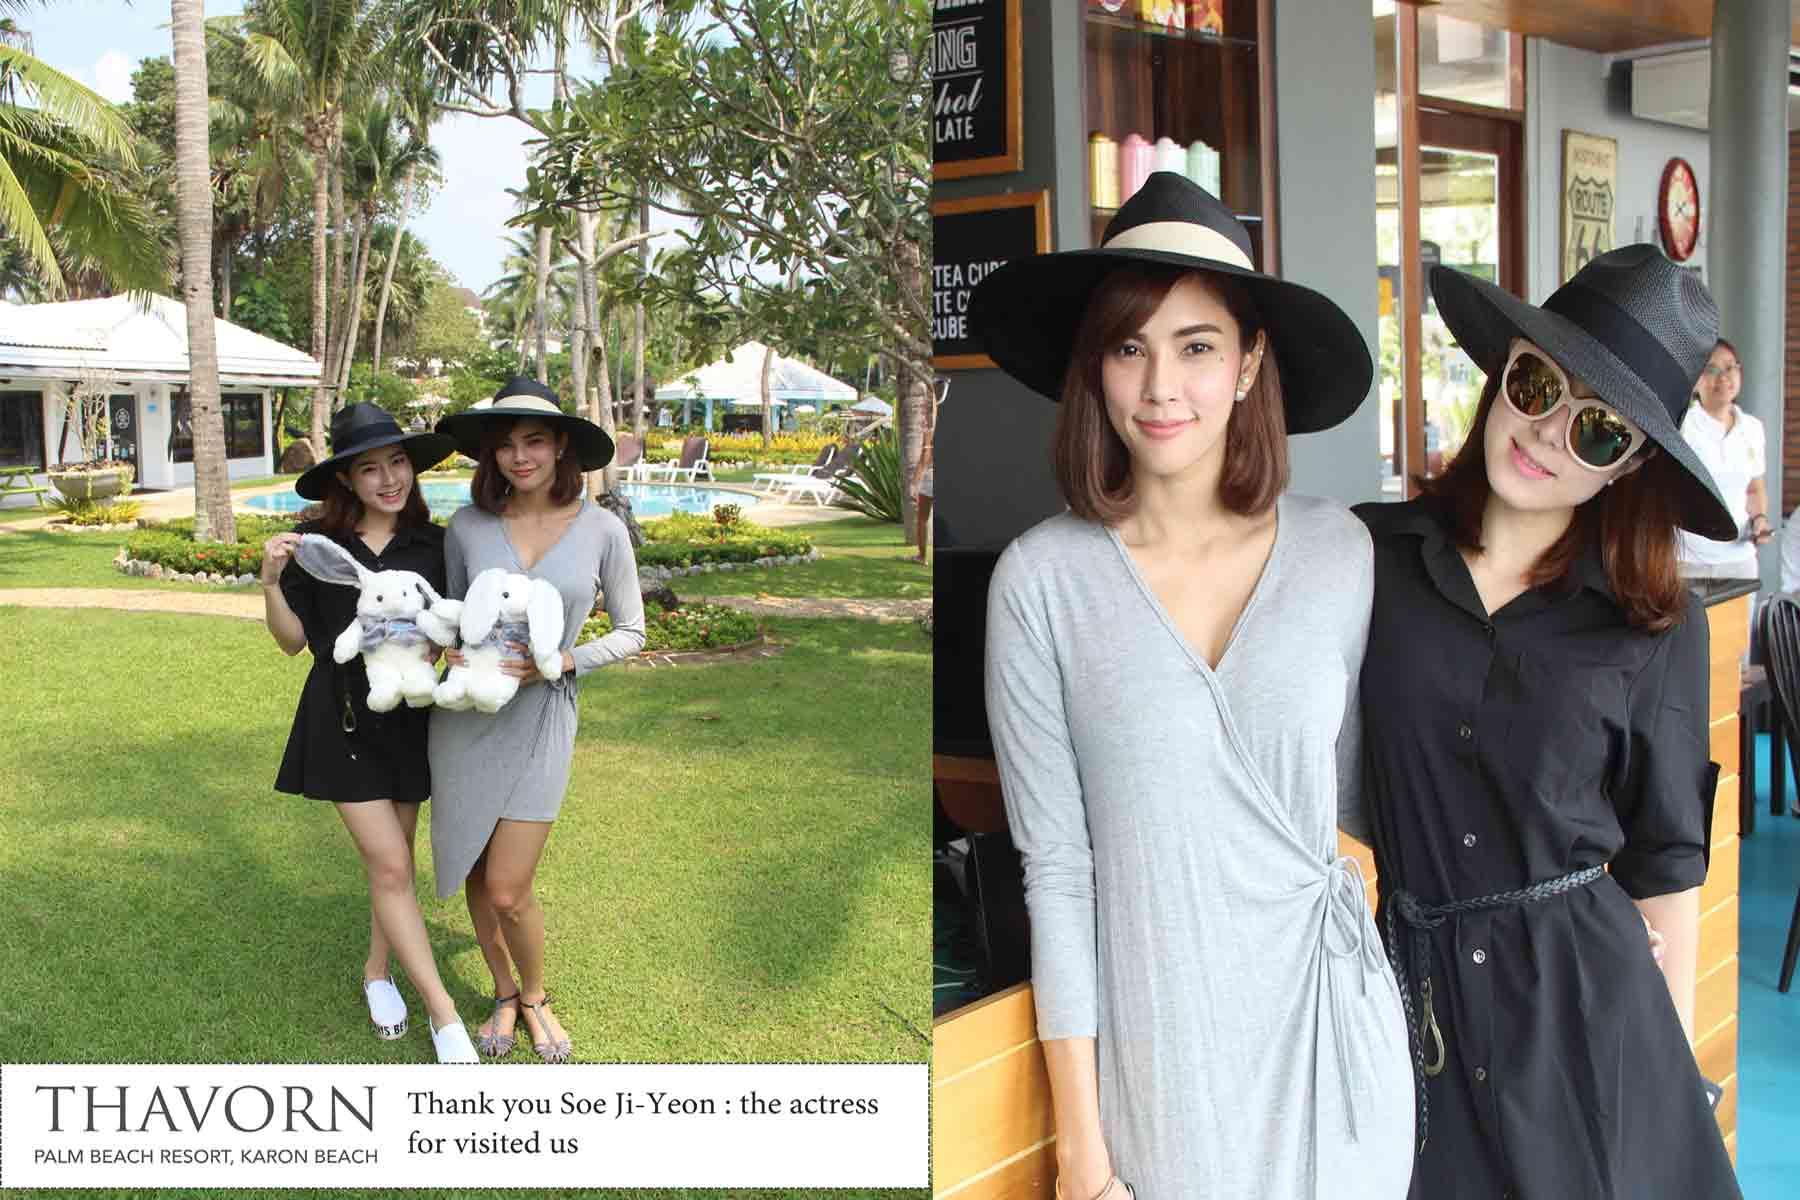 Seo Ji-yeon, Thavorn Palm Beach Resort